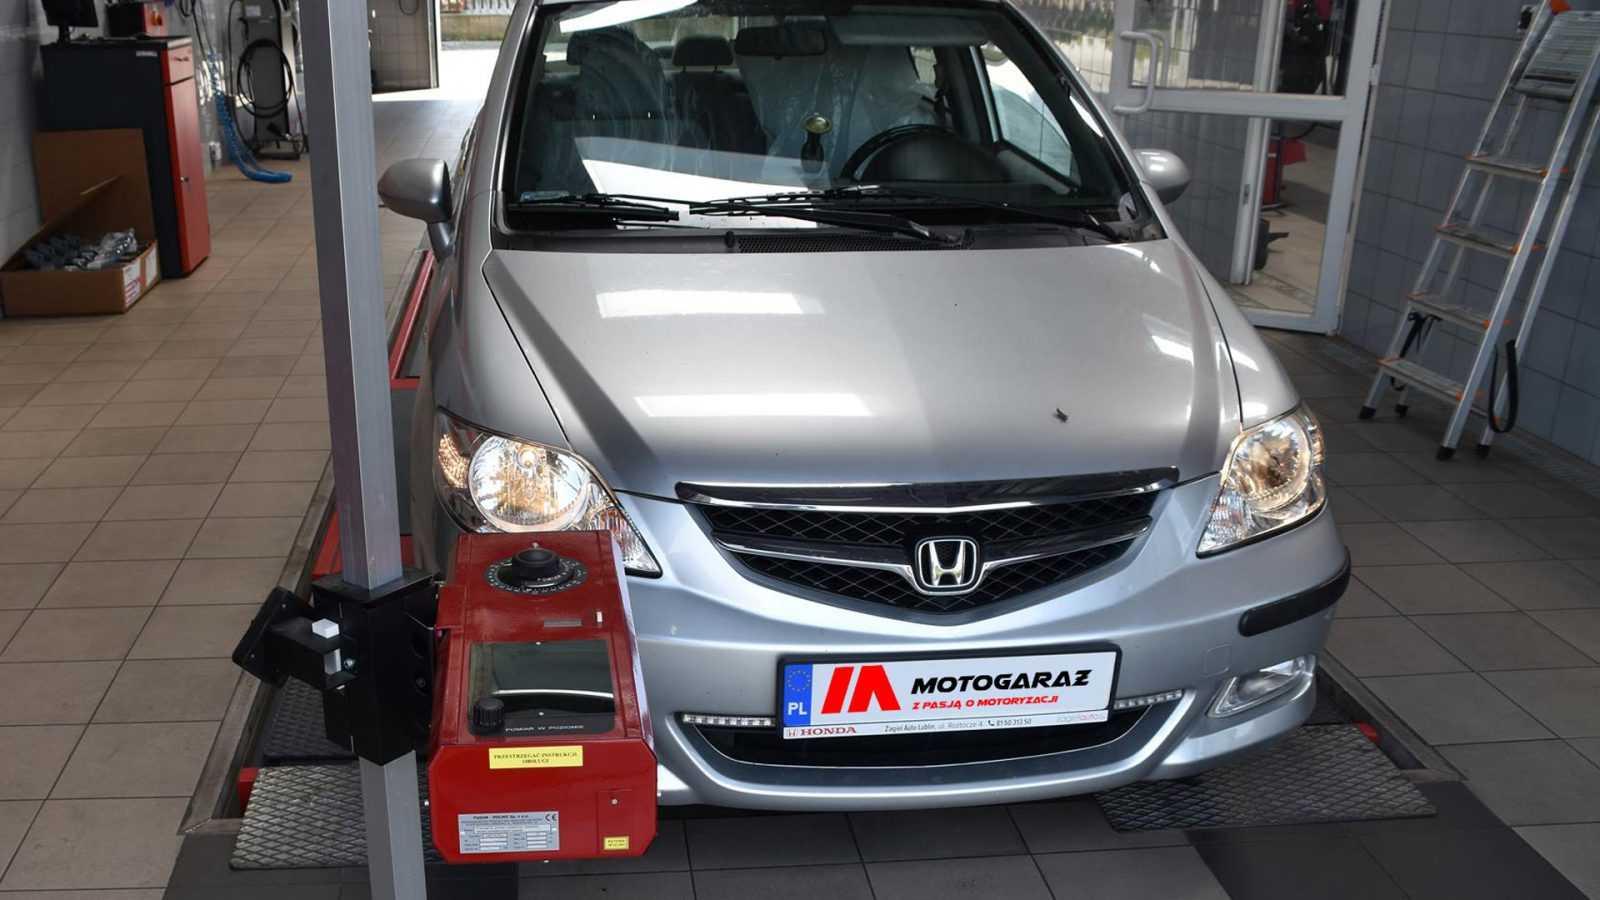 Regulacja reflektorów w samochodzie. Jak poprawnie ustawić światła?